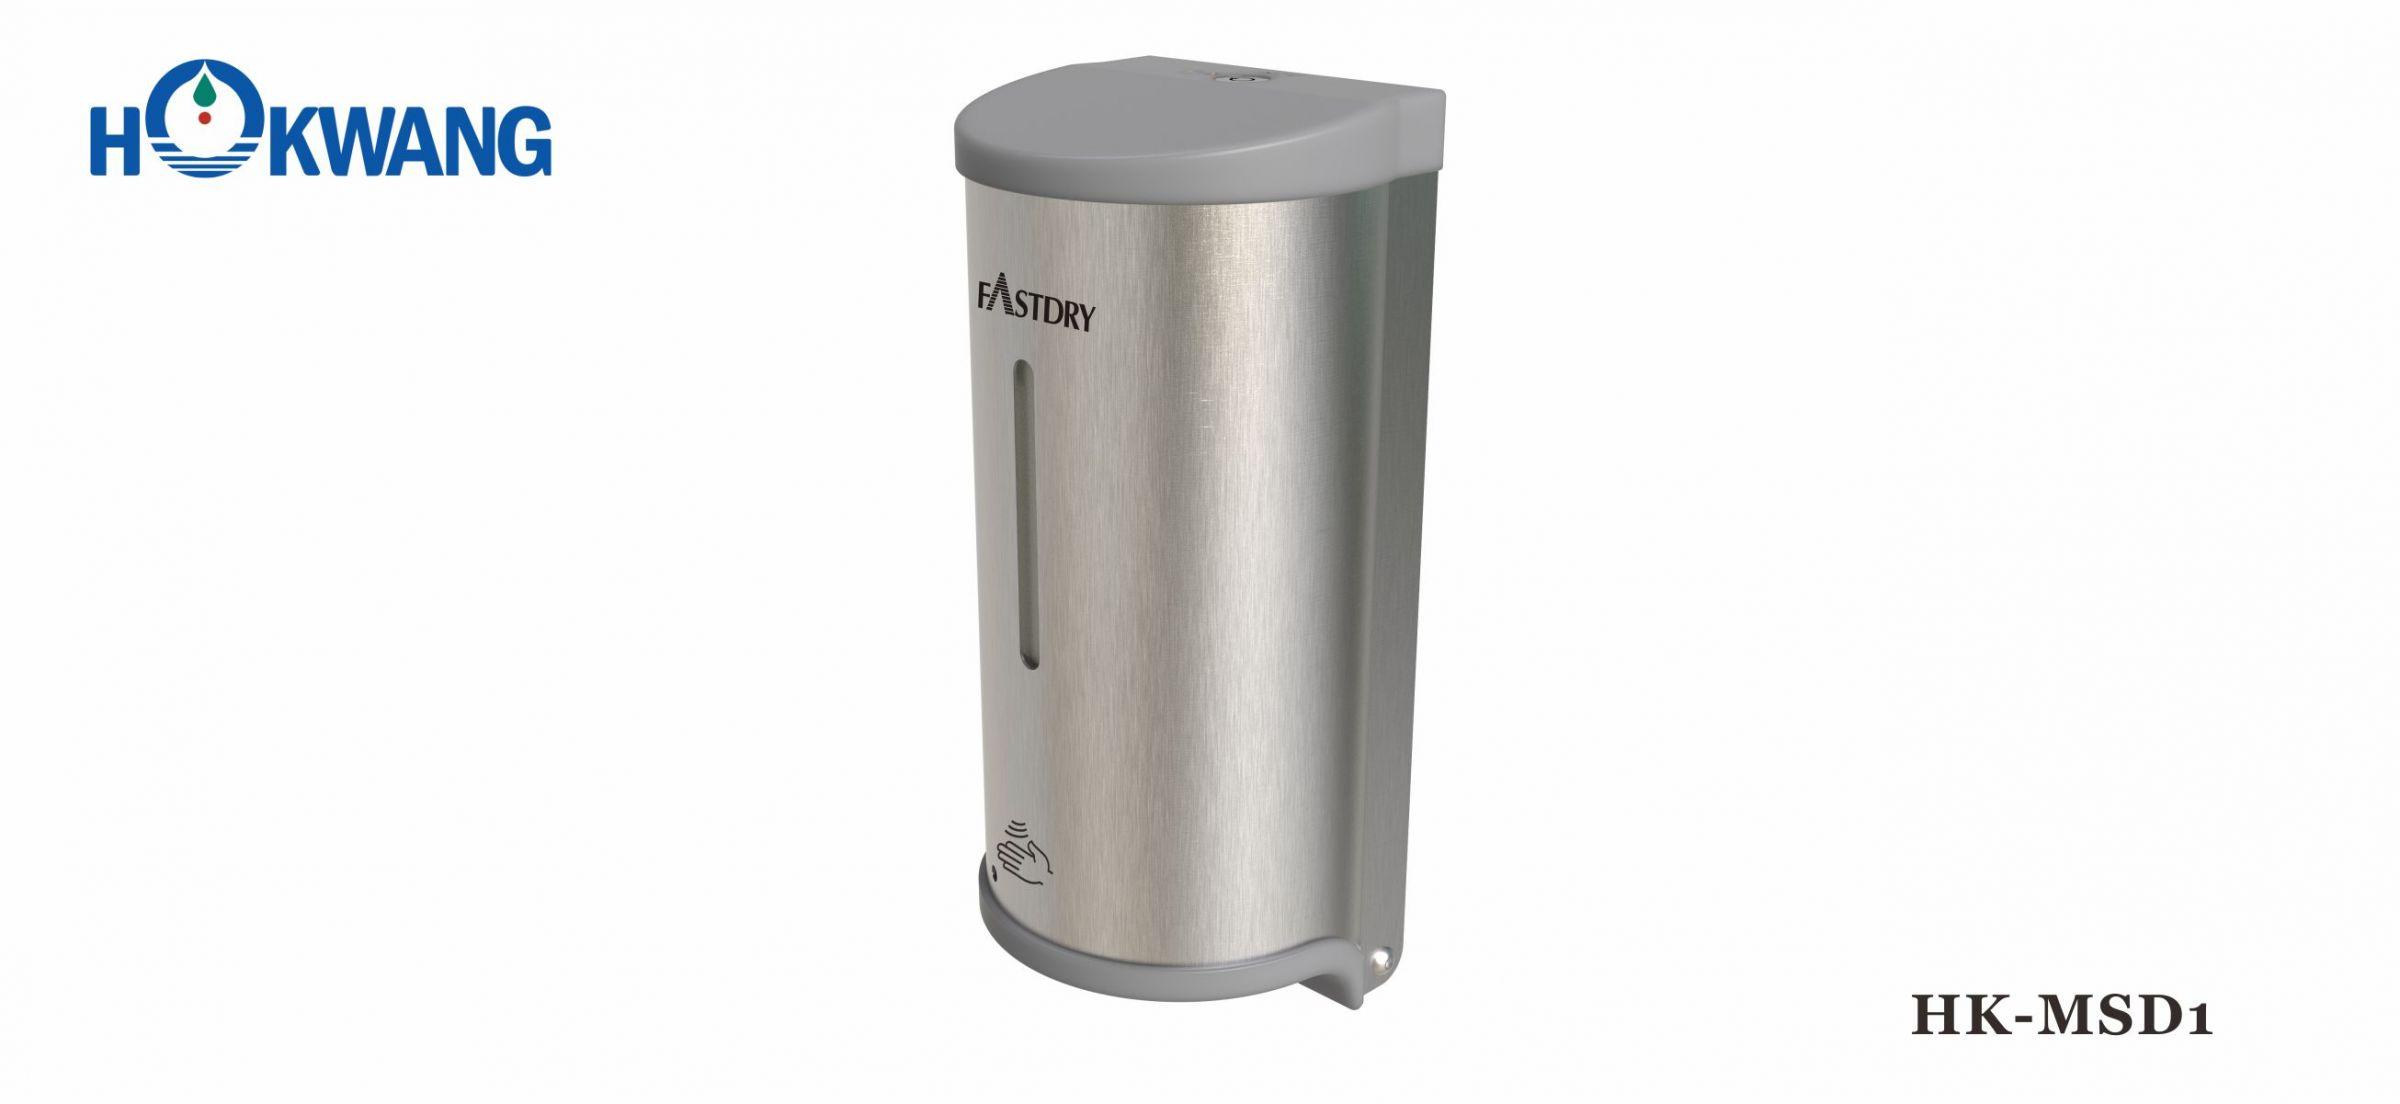 HK-MSD1 Auto Stainless Steel Multi-Function Soap Dispenser